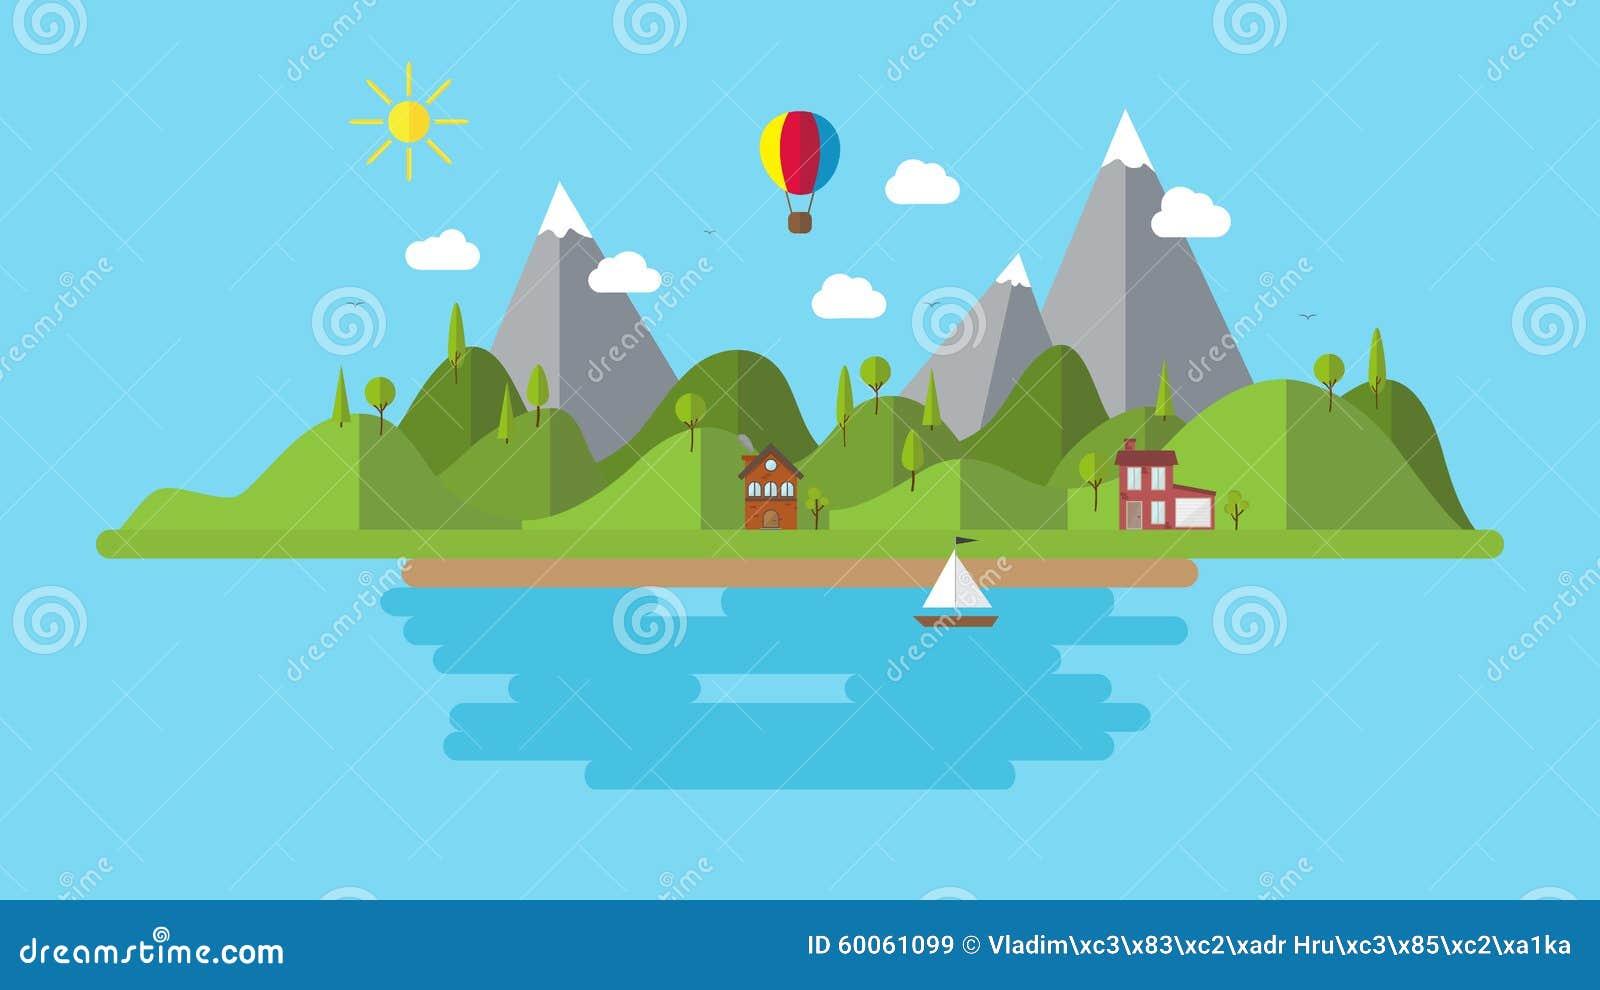 Landscape Illustration Vector Free: Modern Flat Vector Landscape Illustration . With House